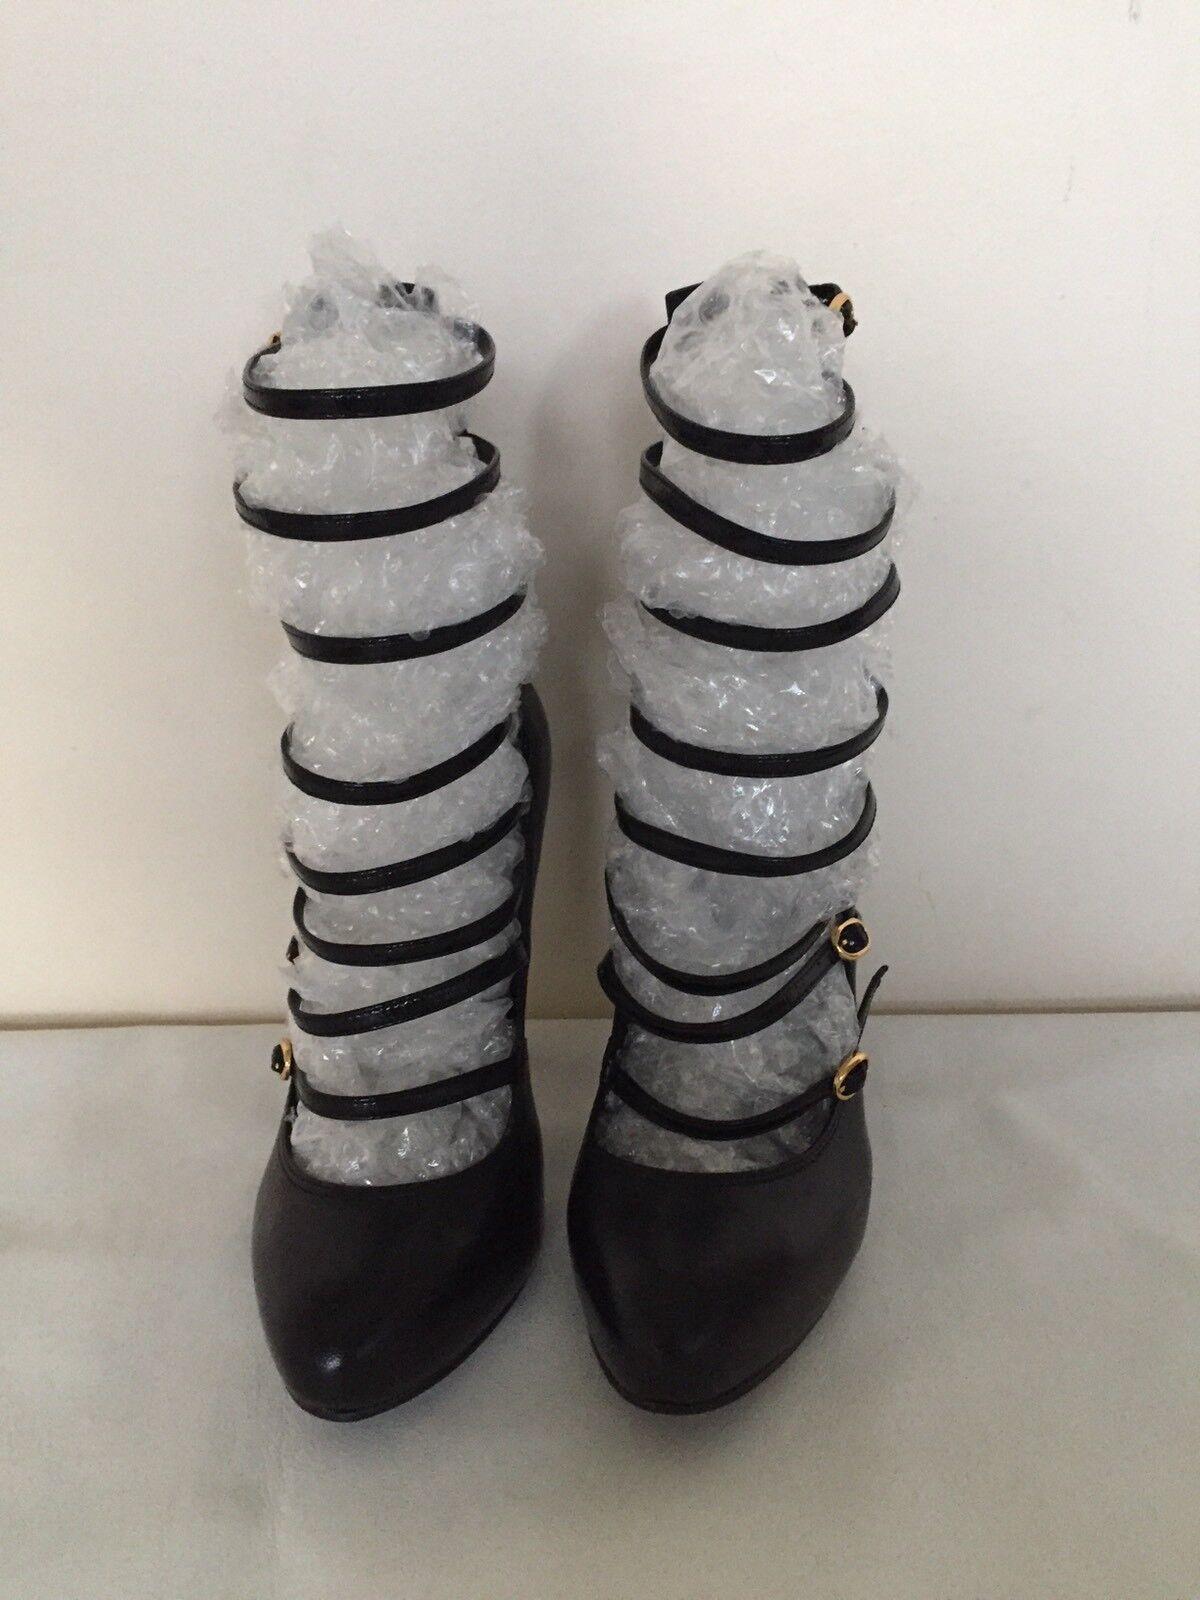 40caed935e511 ... CARVELLA ACDC en Cuir 8 Bride Bottes Plateforme Cheville Bottes Bride  stiletto Cour Chaussures Noir 5 ...